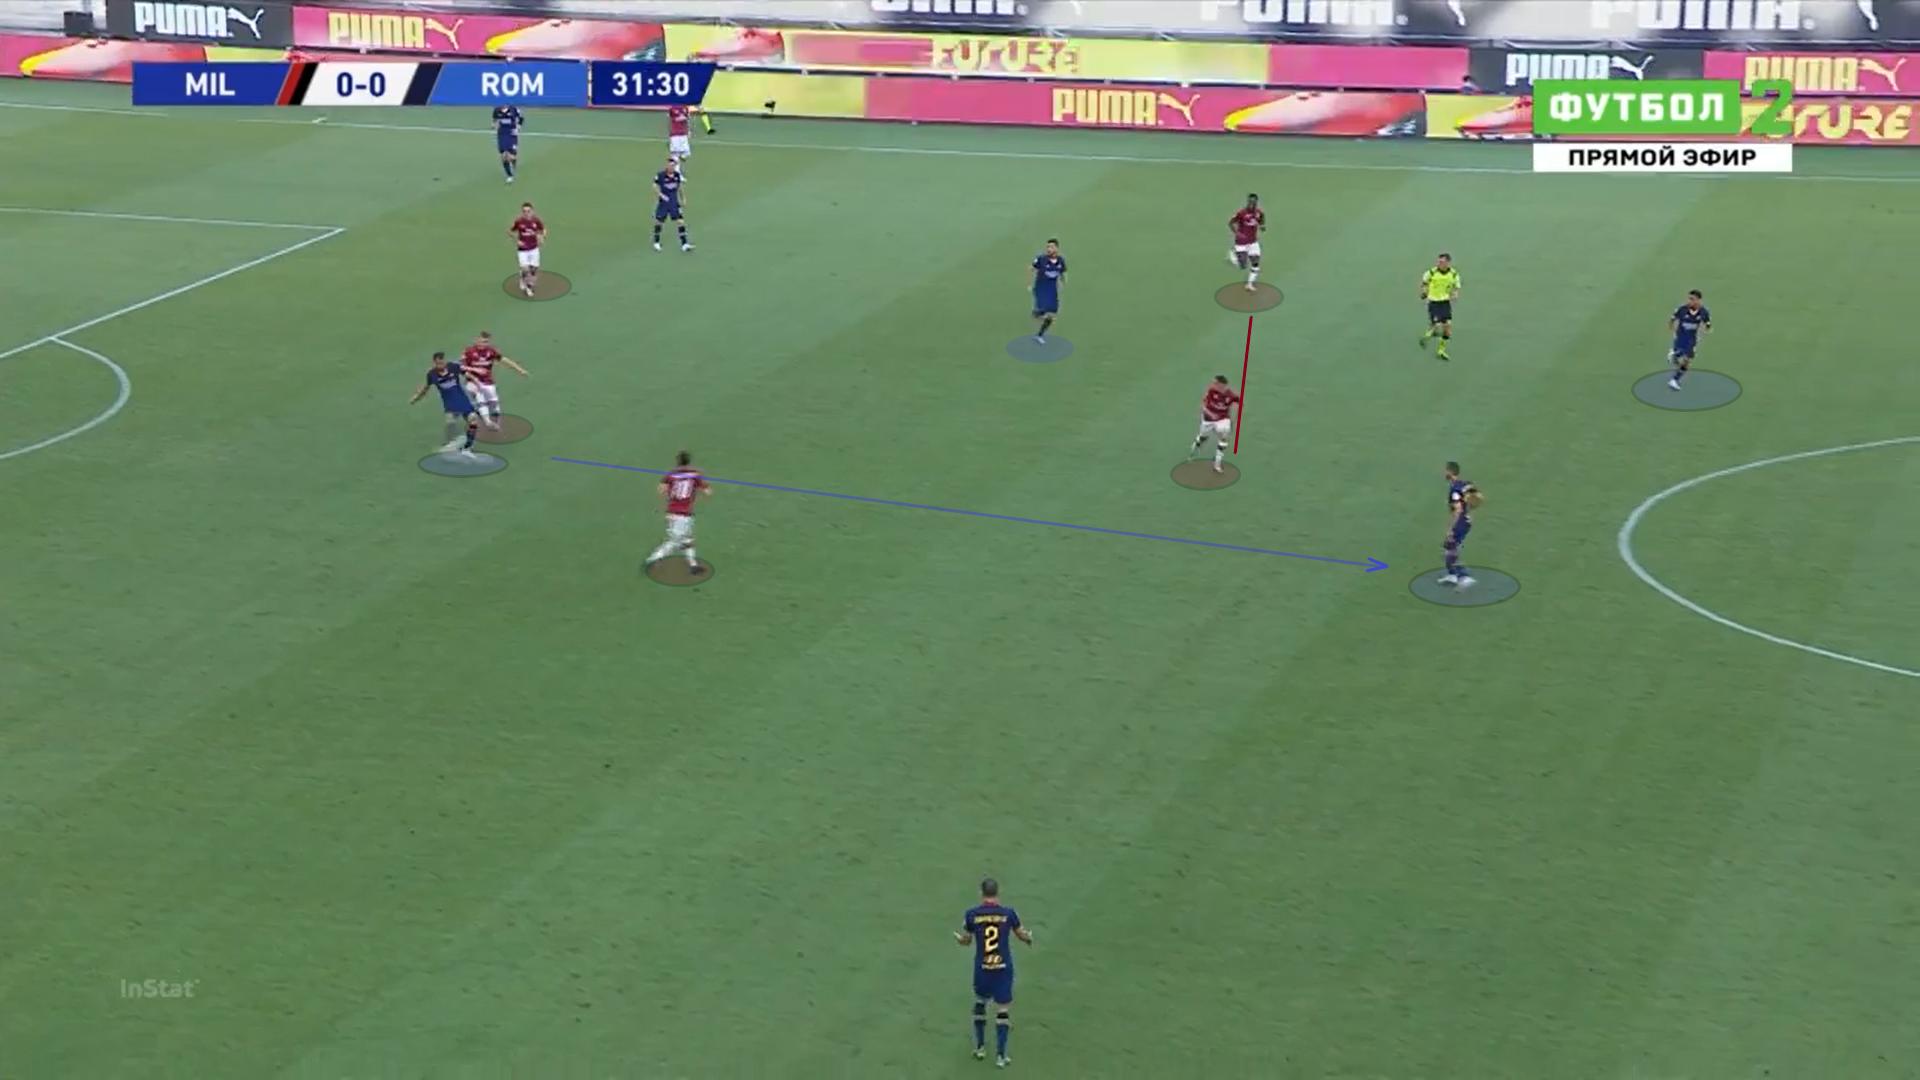 Serie A 2019/20: AC Milan vs Roma - tactical analysis tactics